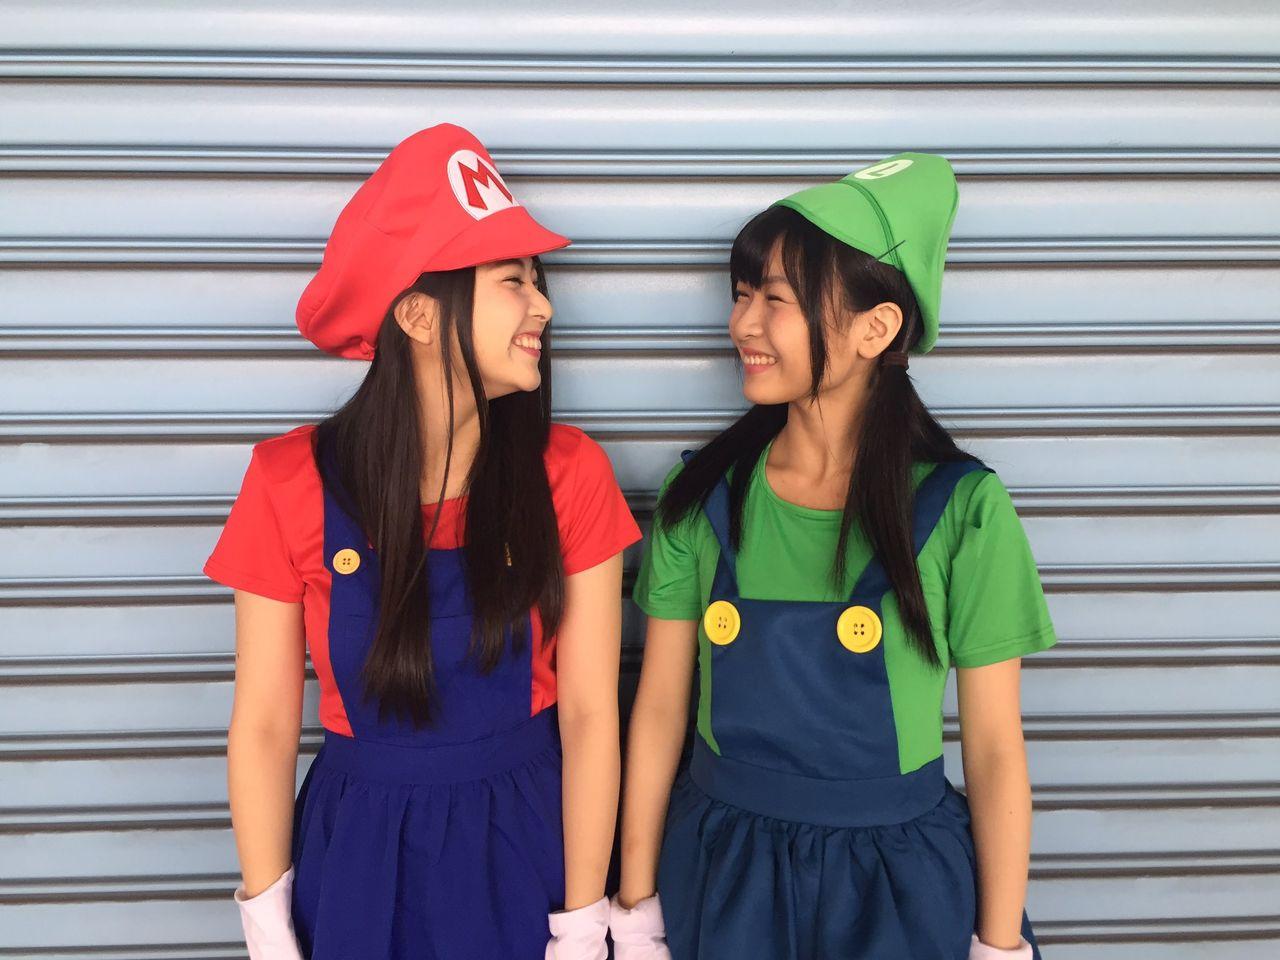 【NMB48】村中有基・堀詩音のマリオブラザーズがかわいい【ハロウィン】